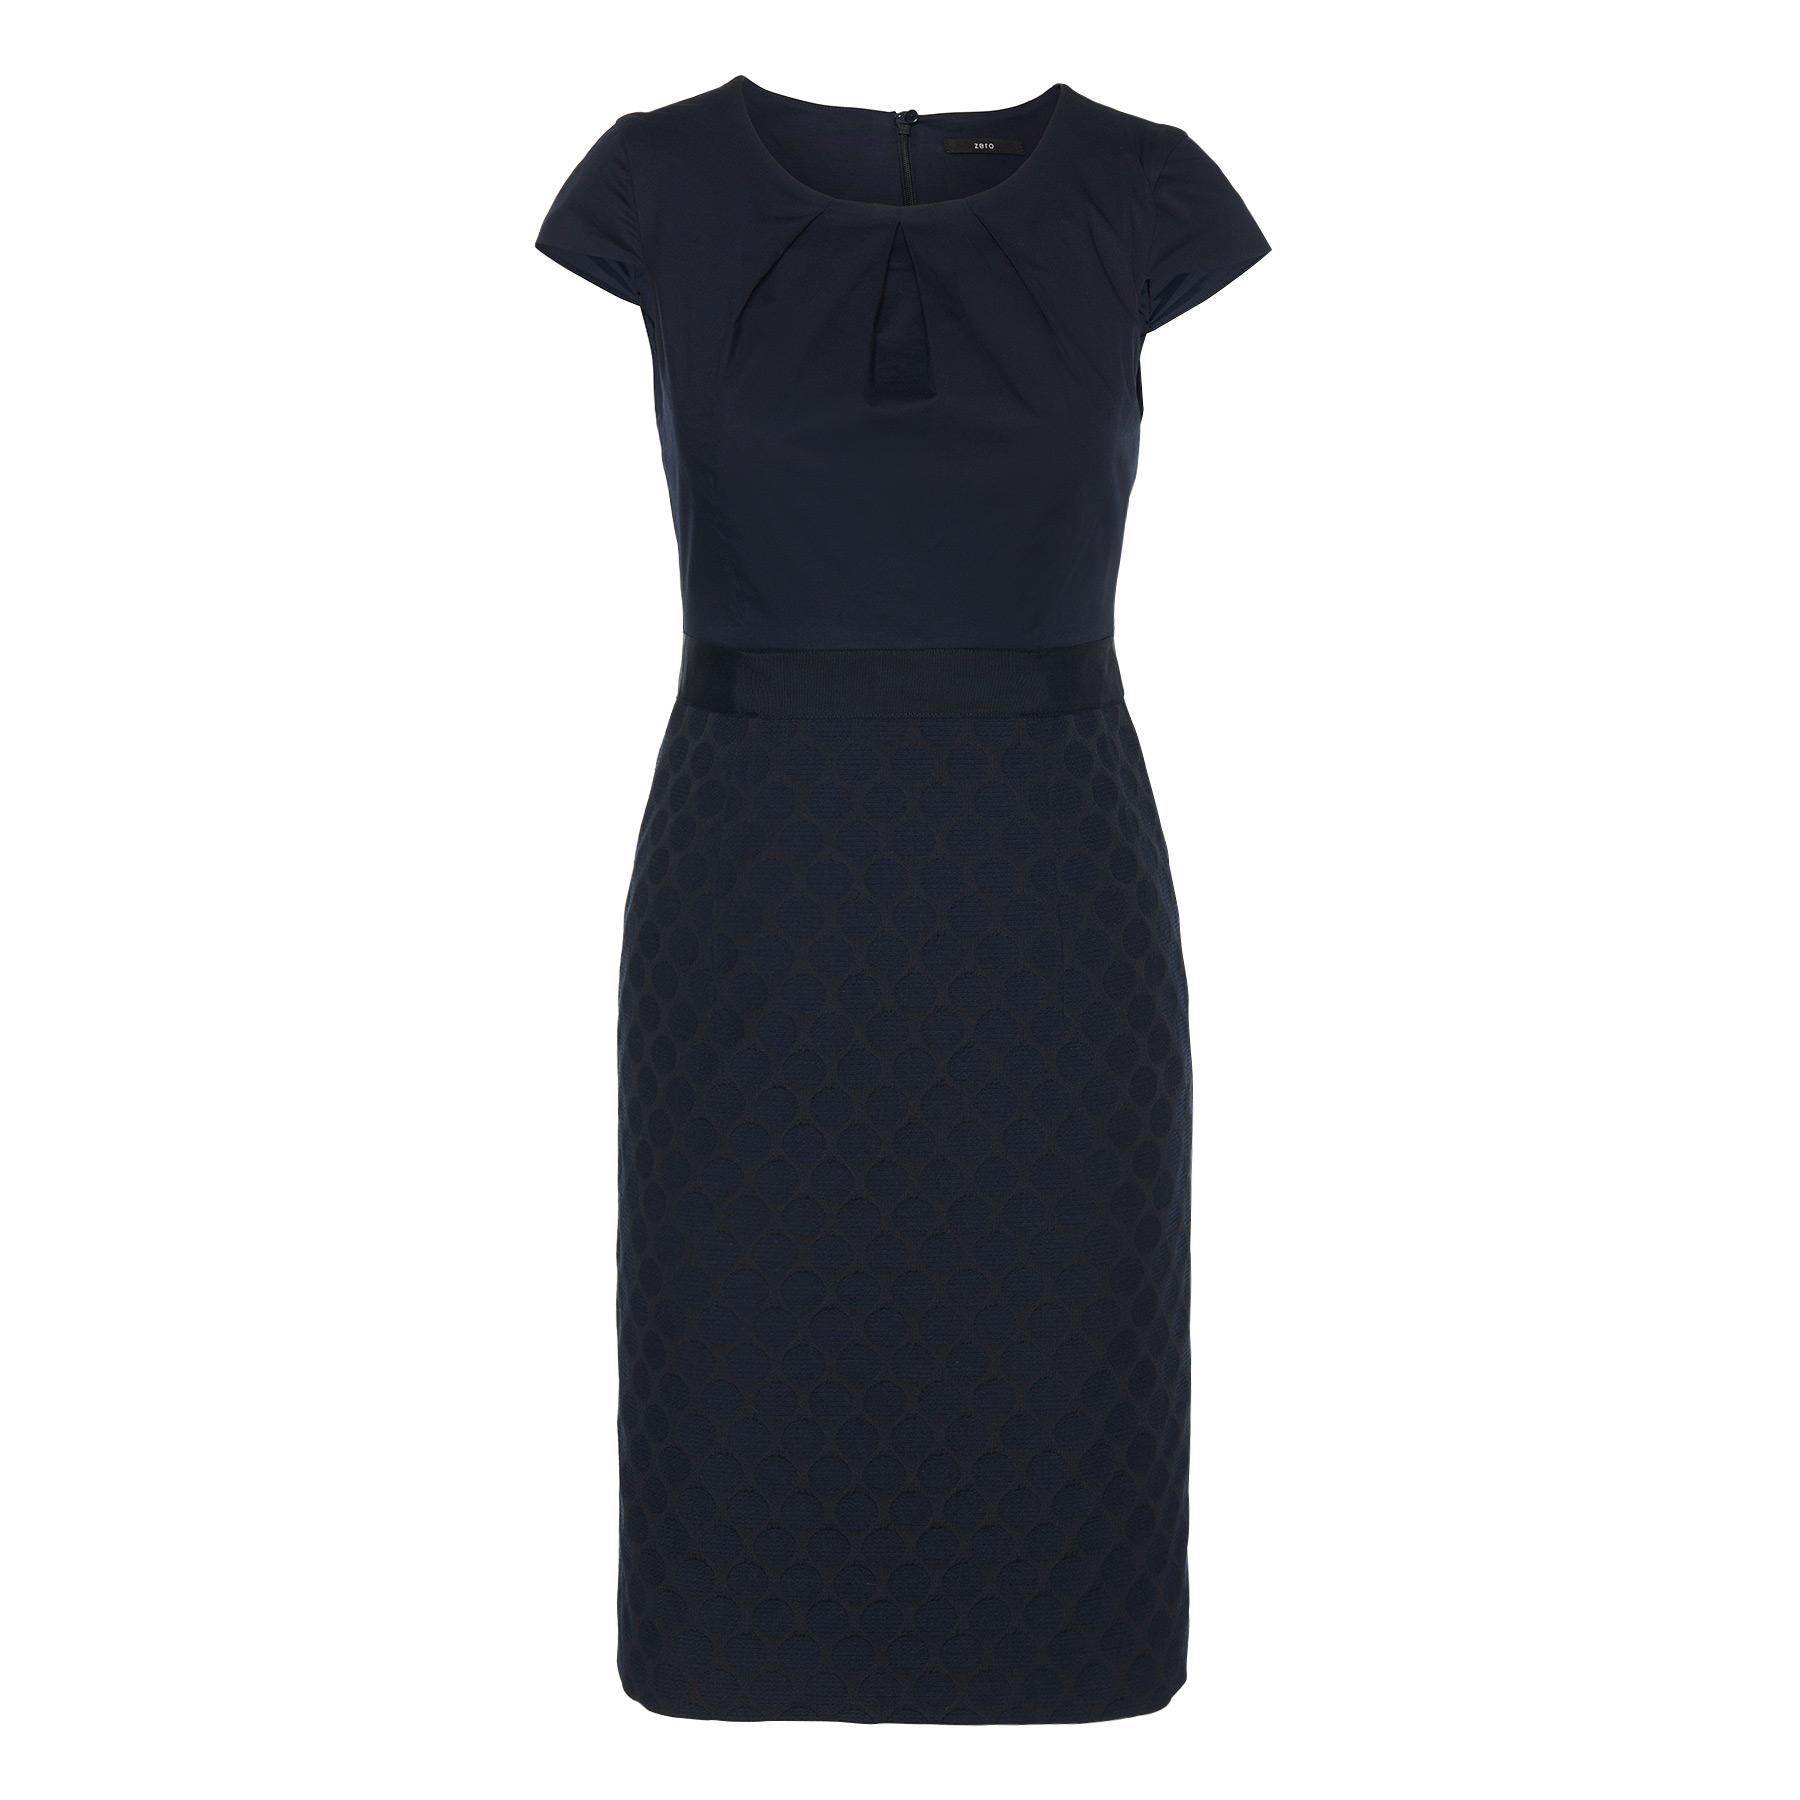 Kleid in Rock-Top-Optik blue black